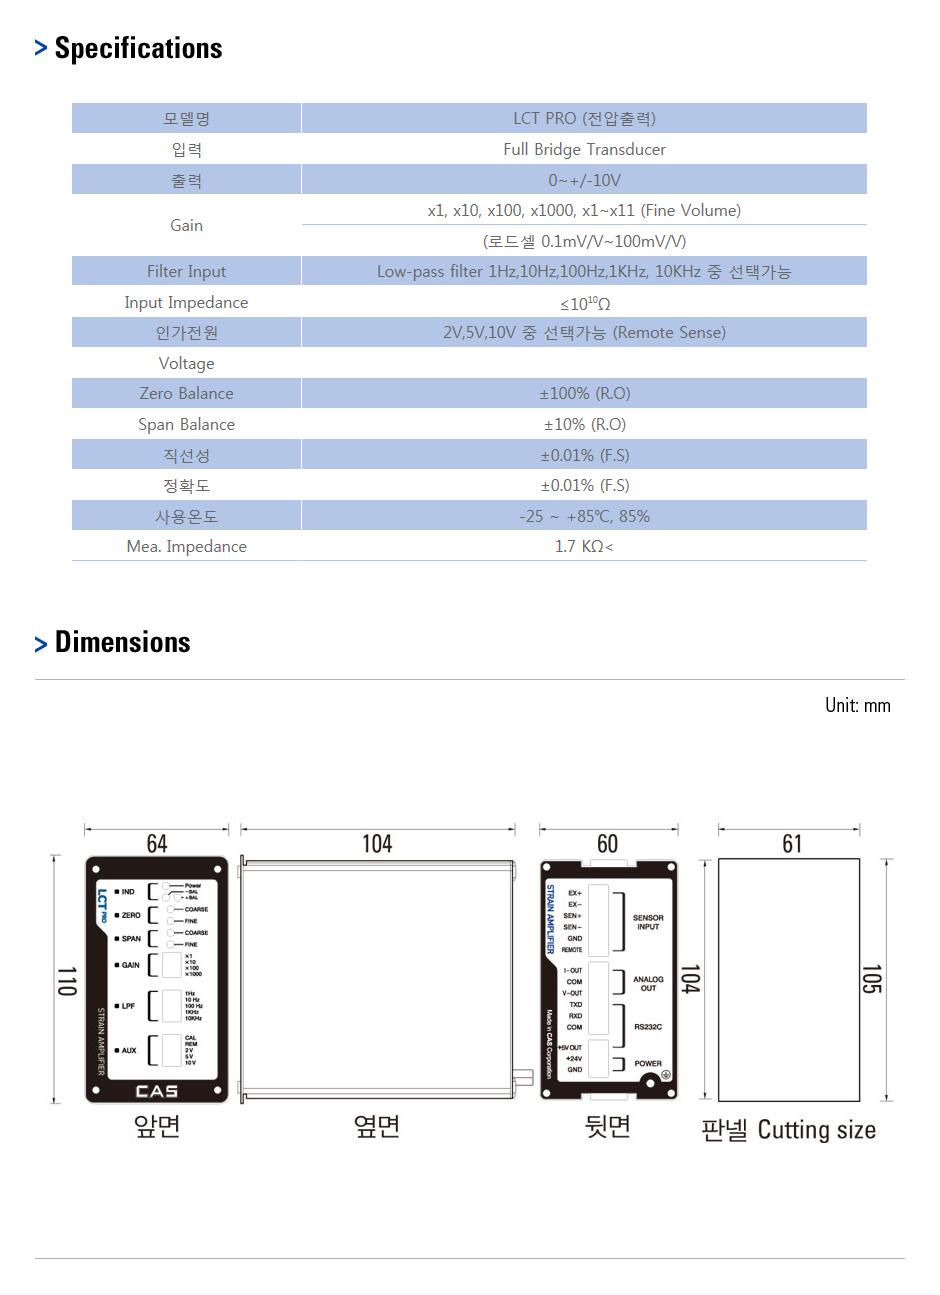 카스 로드셀 전용 앰프 LCT PRO 1